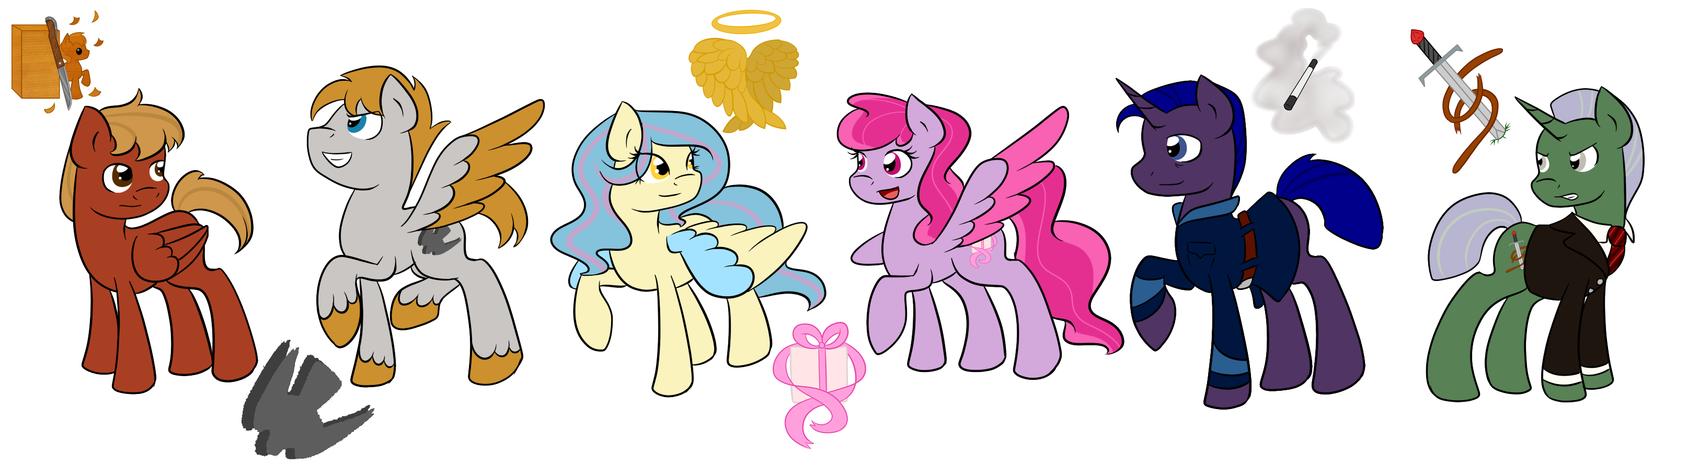 Weather Ponies Pt. 1 by Fairiegirl101